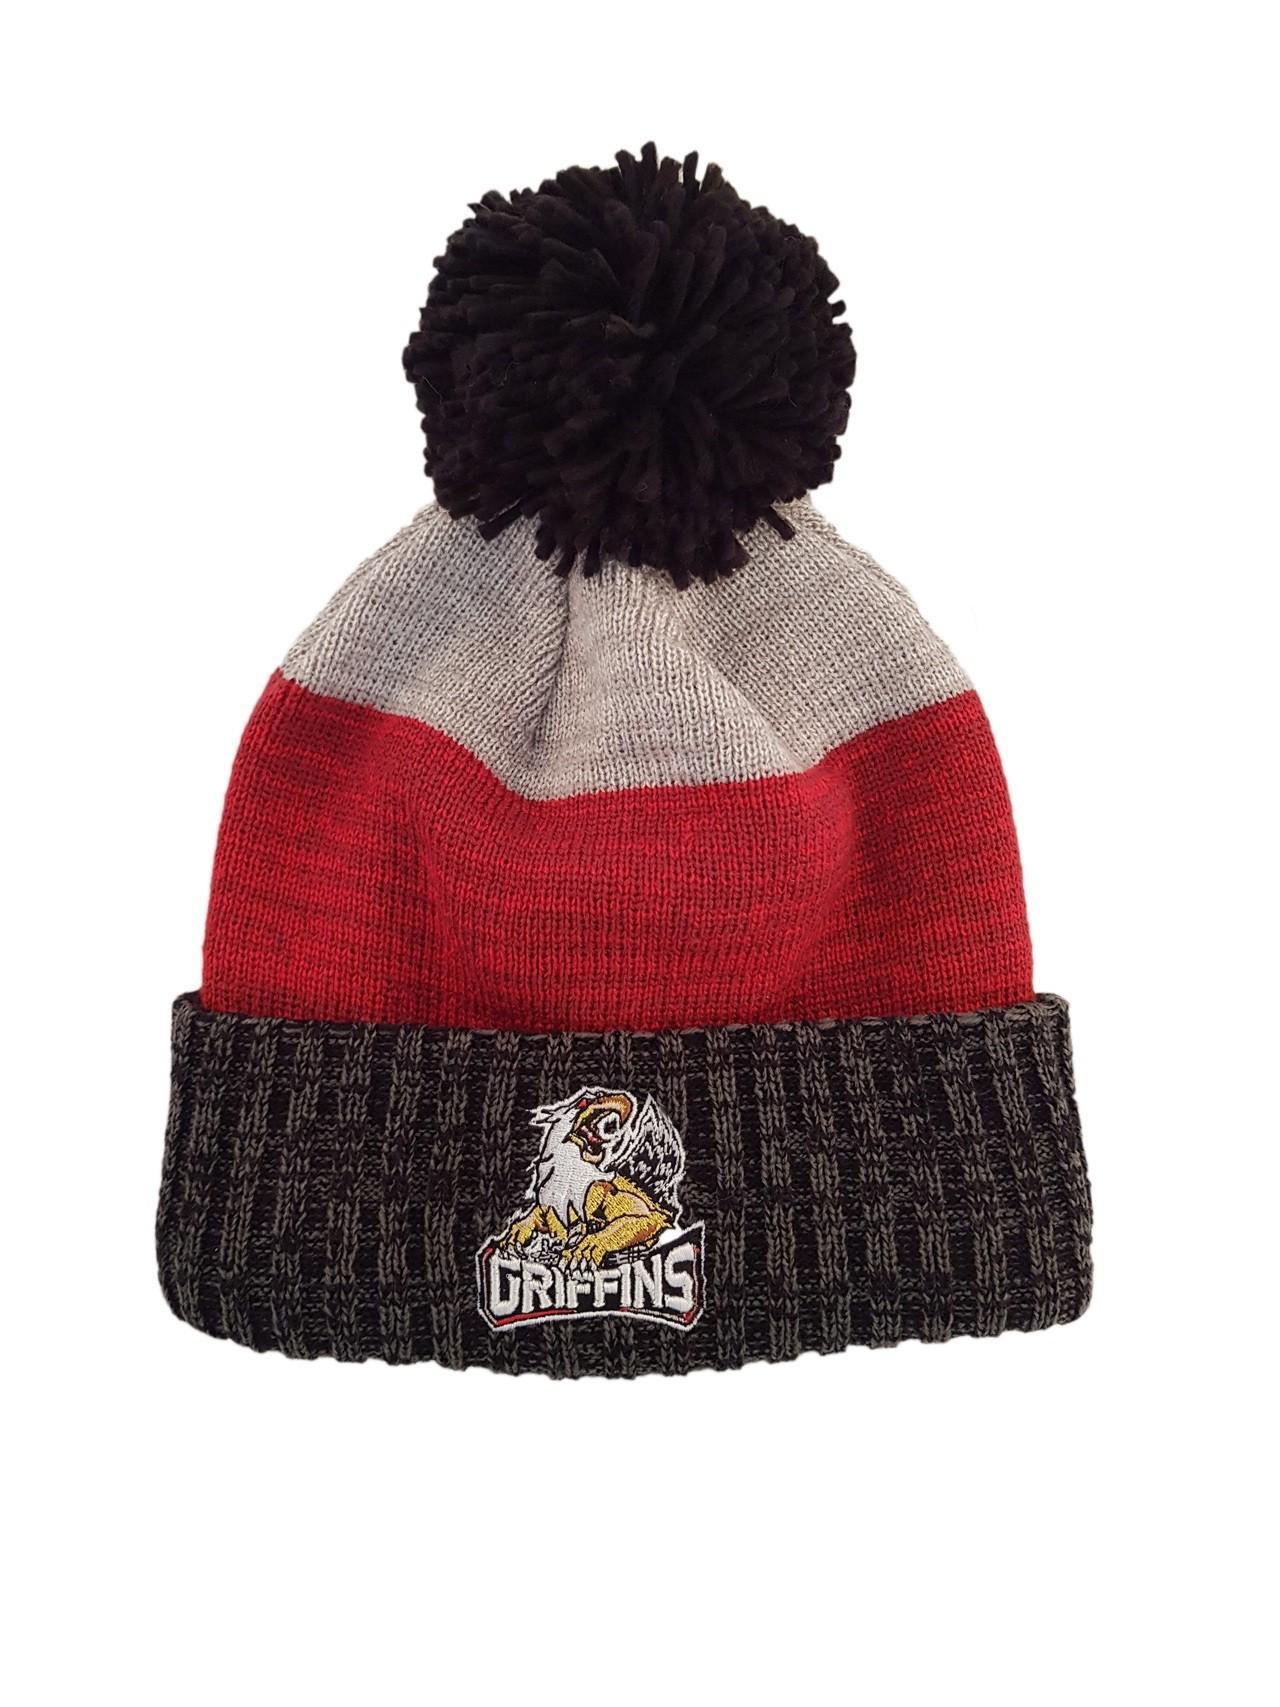 CCM Griffins Winter Hat C3950